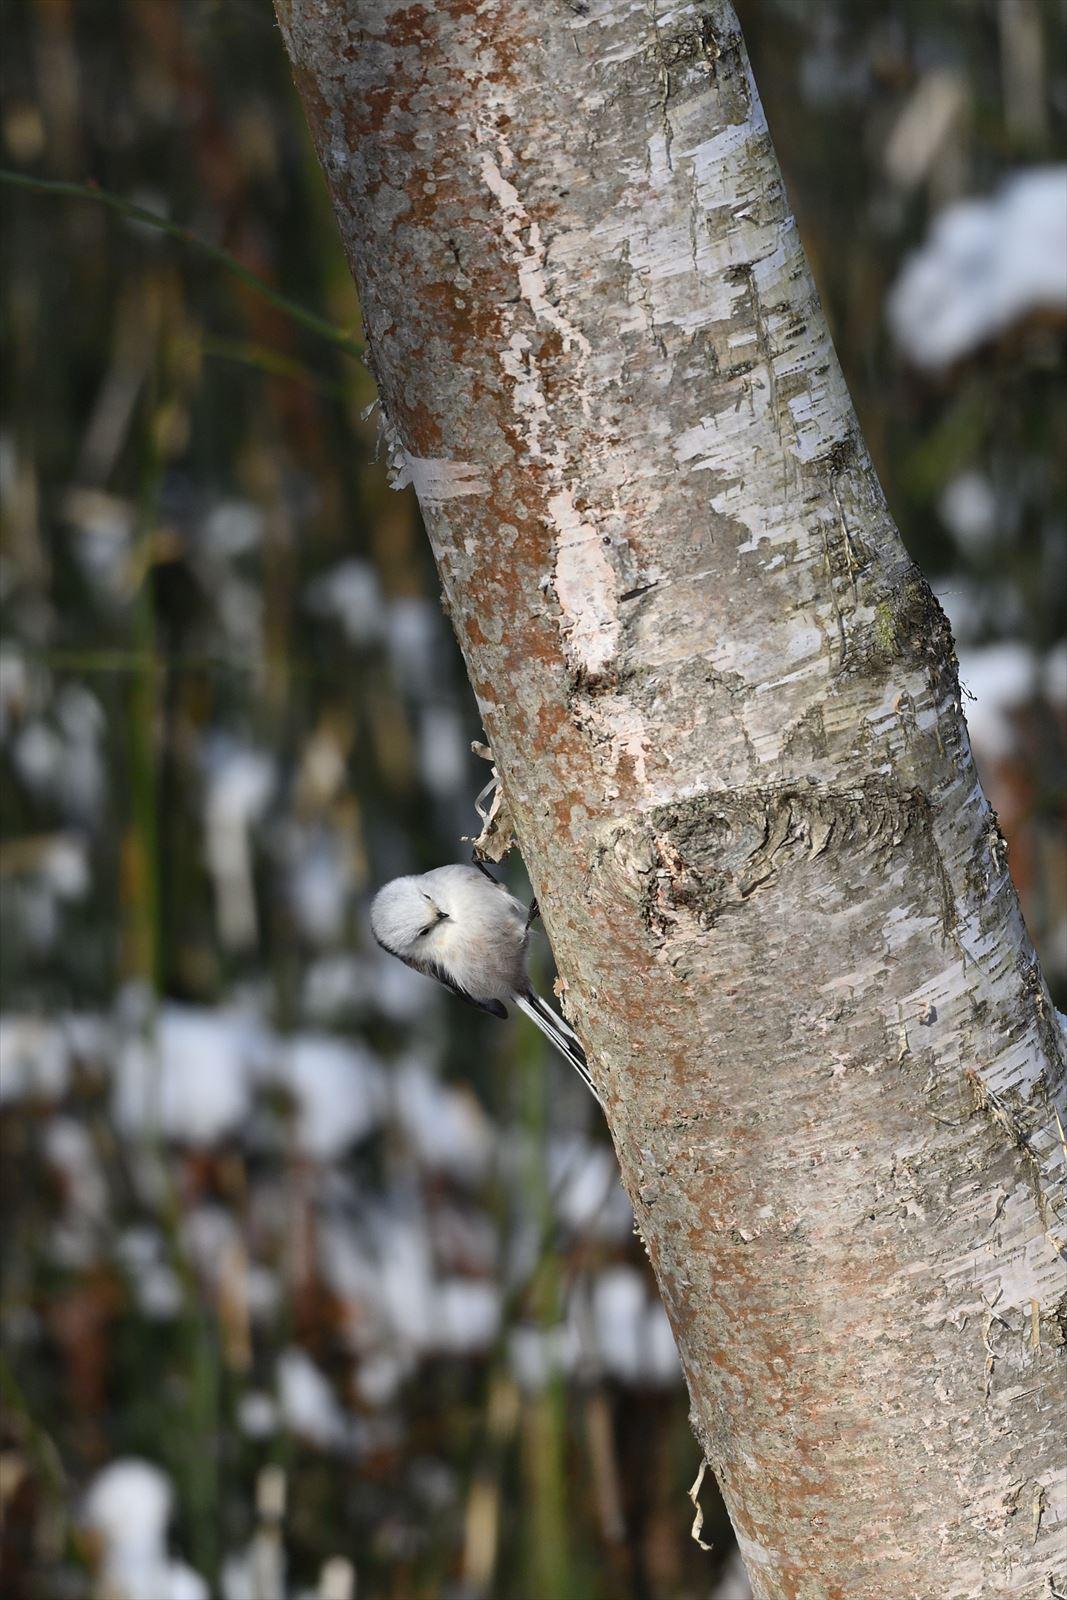 シマエナガ、樹液を舐める。_a0145819_16552328.jpg